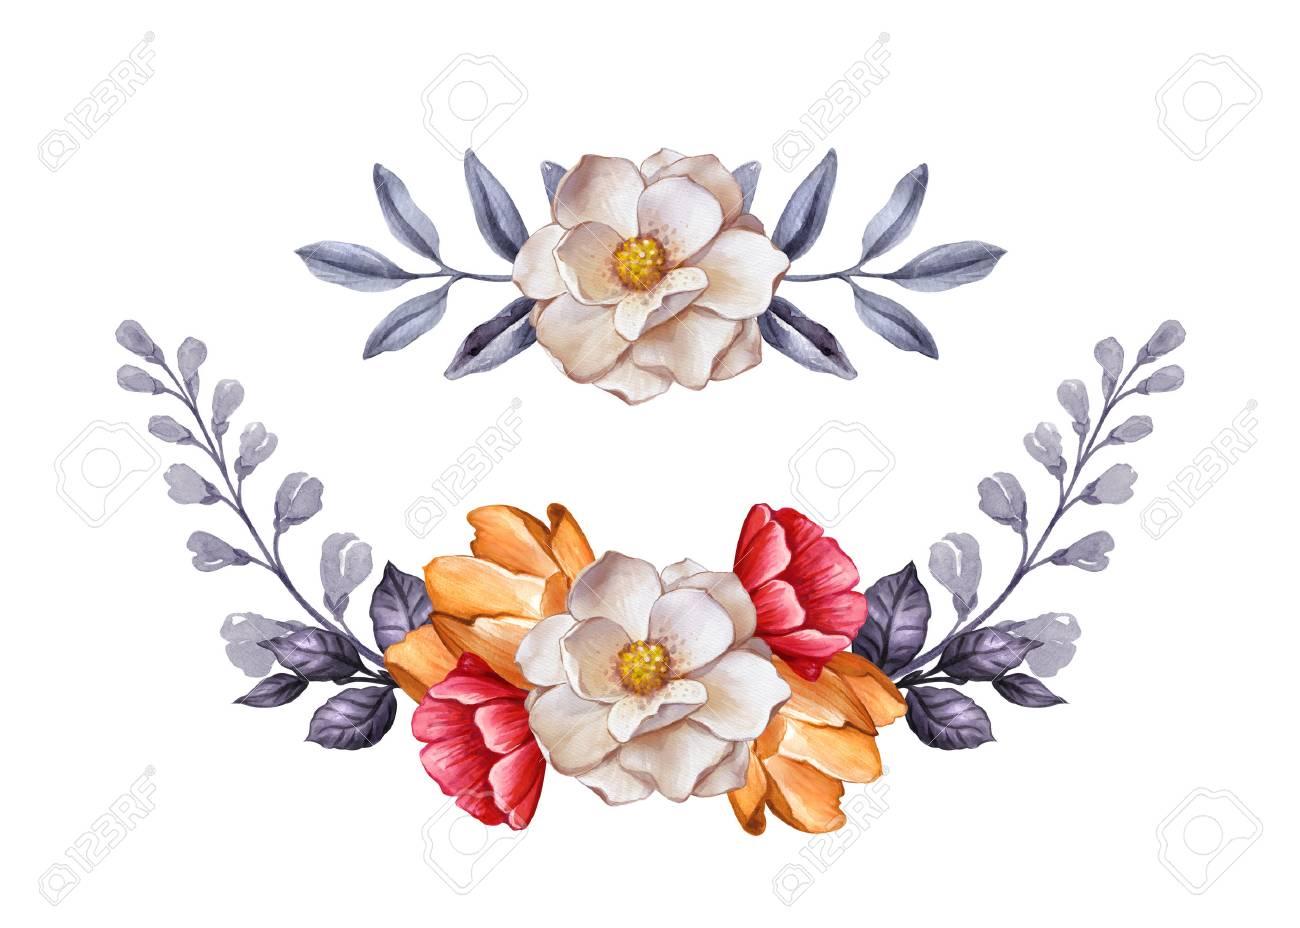 水彩画ボタニカル イラスト、秋の花、乾燥葉、花の花輪の装飾、デザイン